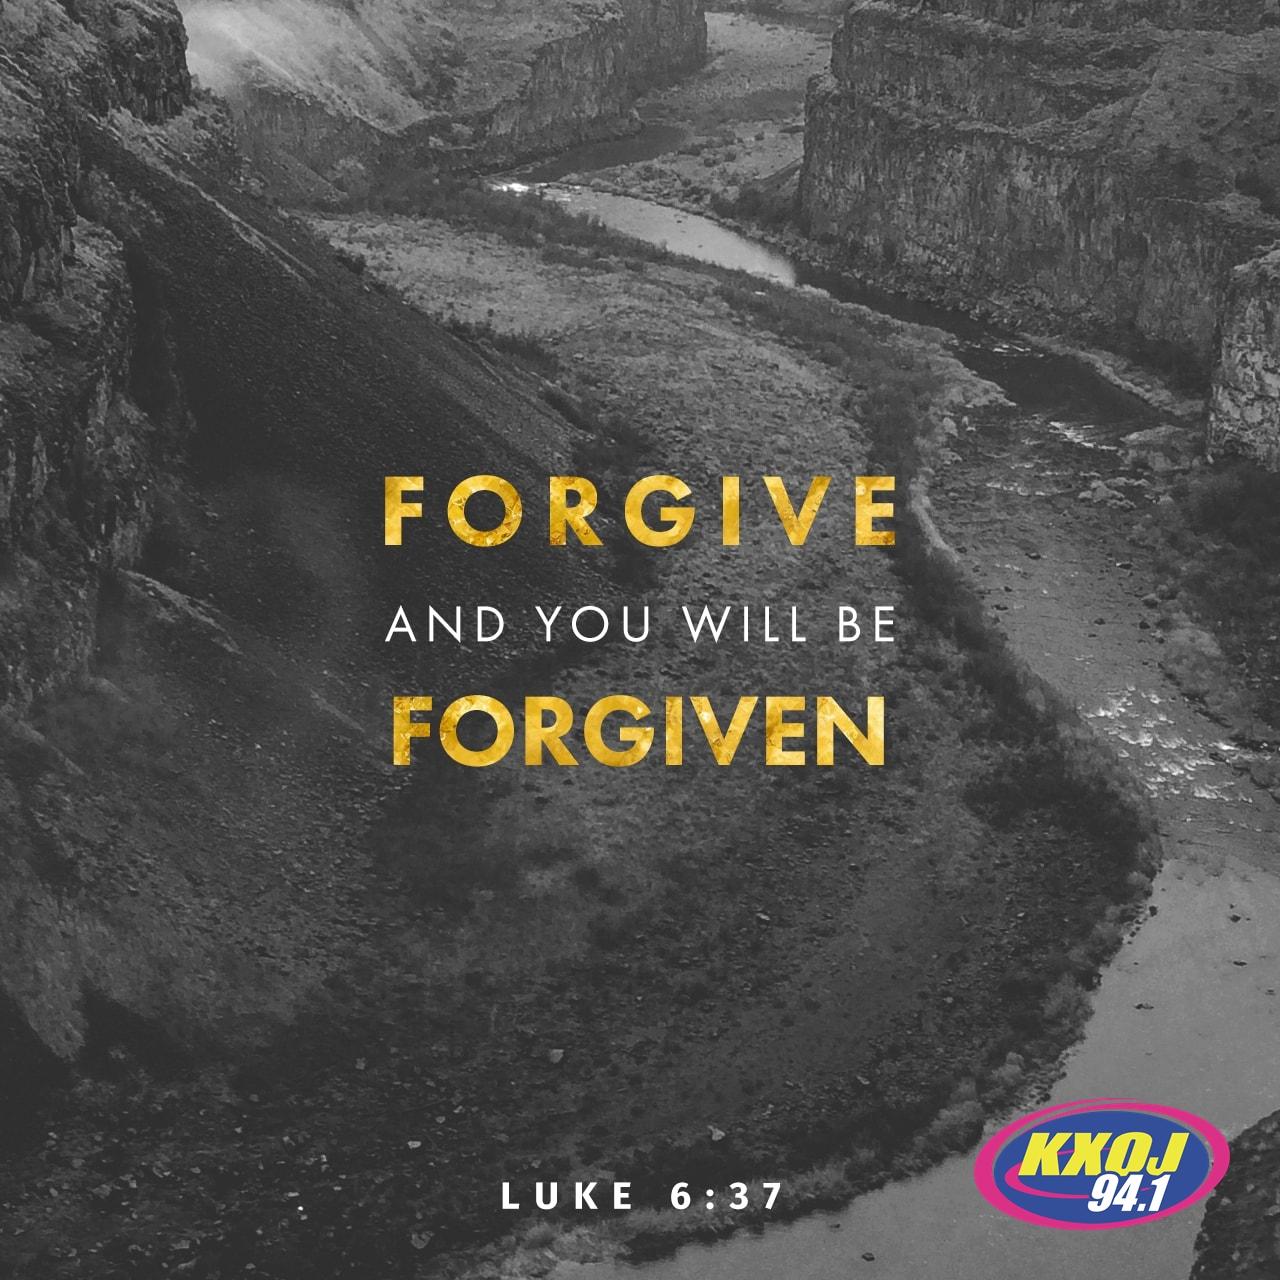 March 30th - Luke 6:37